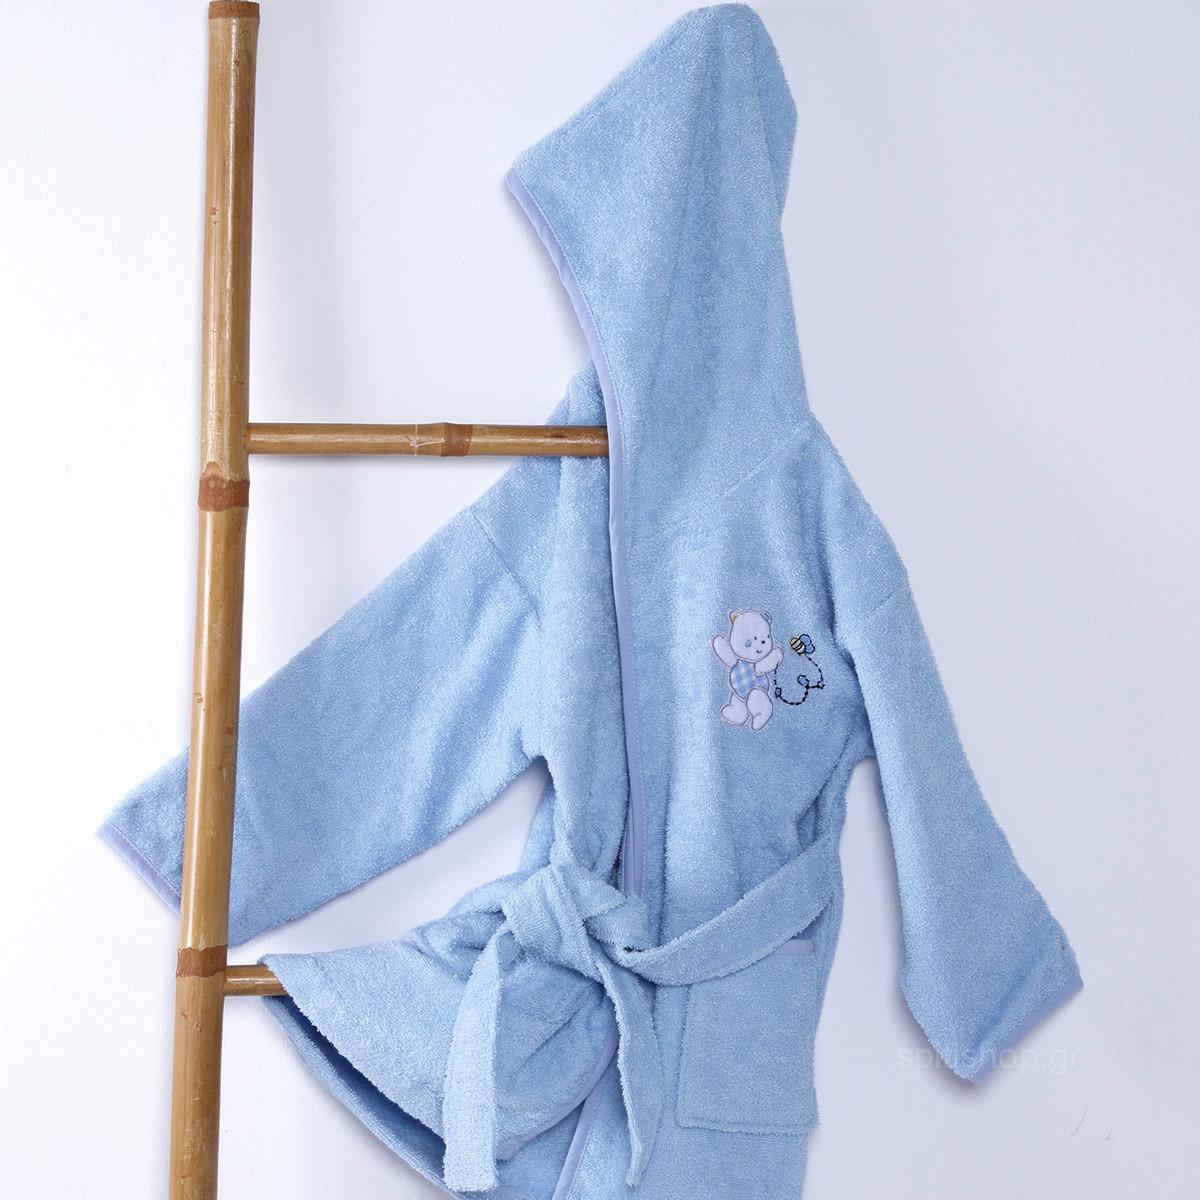 Βρεφικό Μπουρνούζι Sb Home Teddy Bear Blue No4 No4